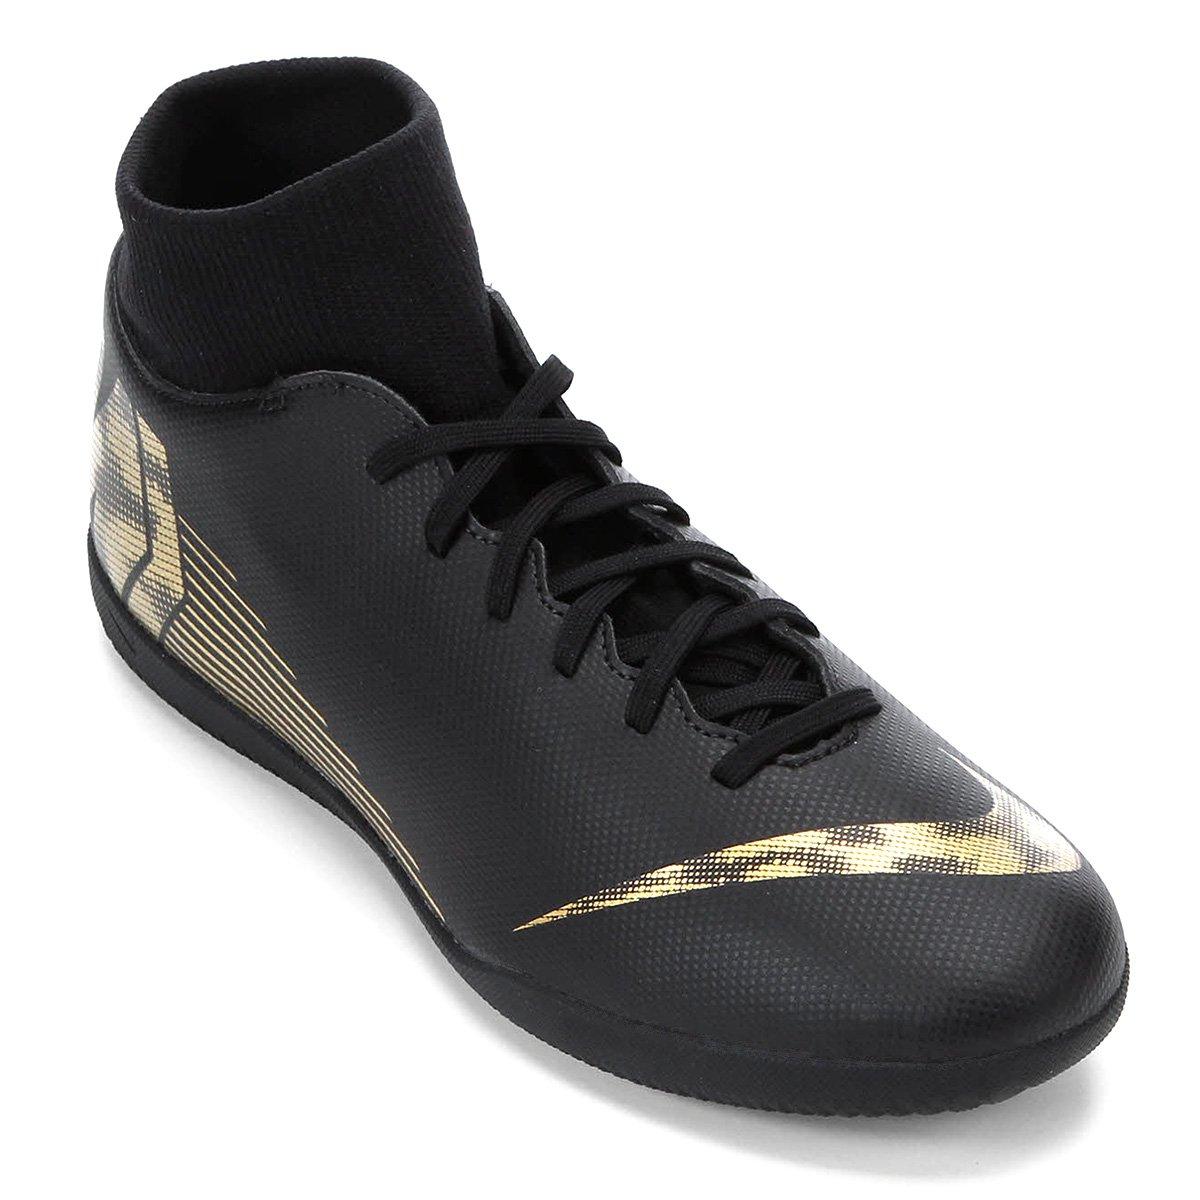 10393c5346344 Chuteira Futsal Nike Mercurial Superfly 6 Club - Preto e Dourado - Compre  Agora